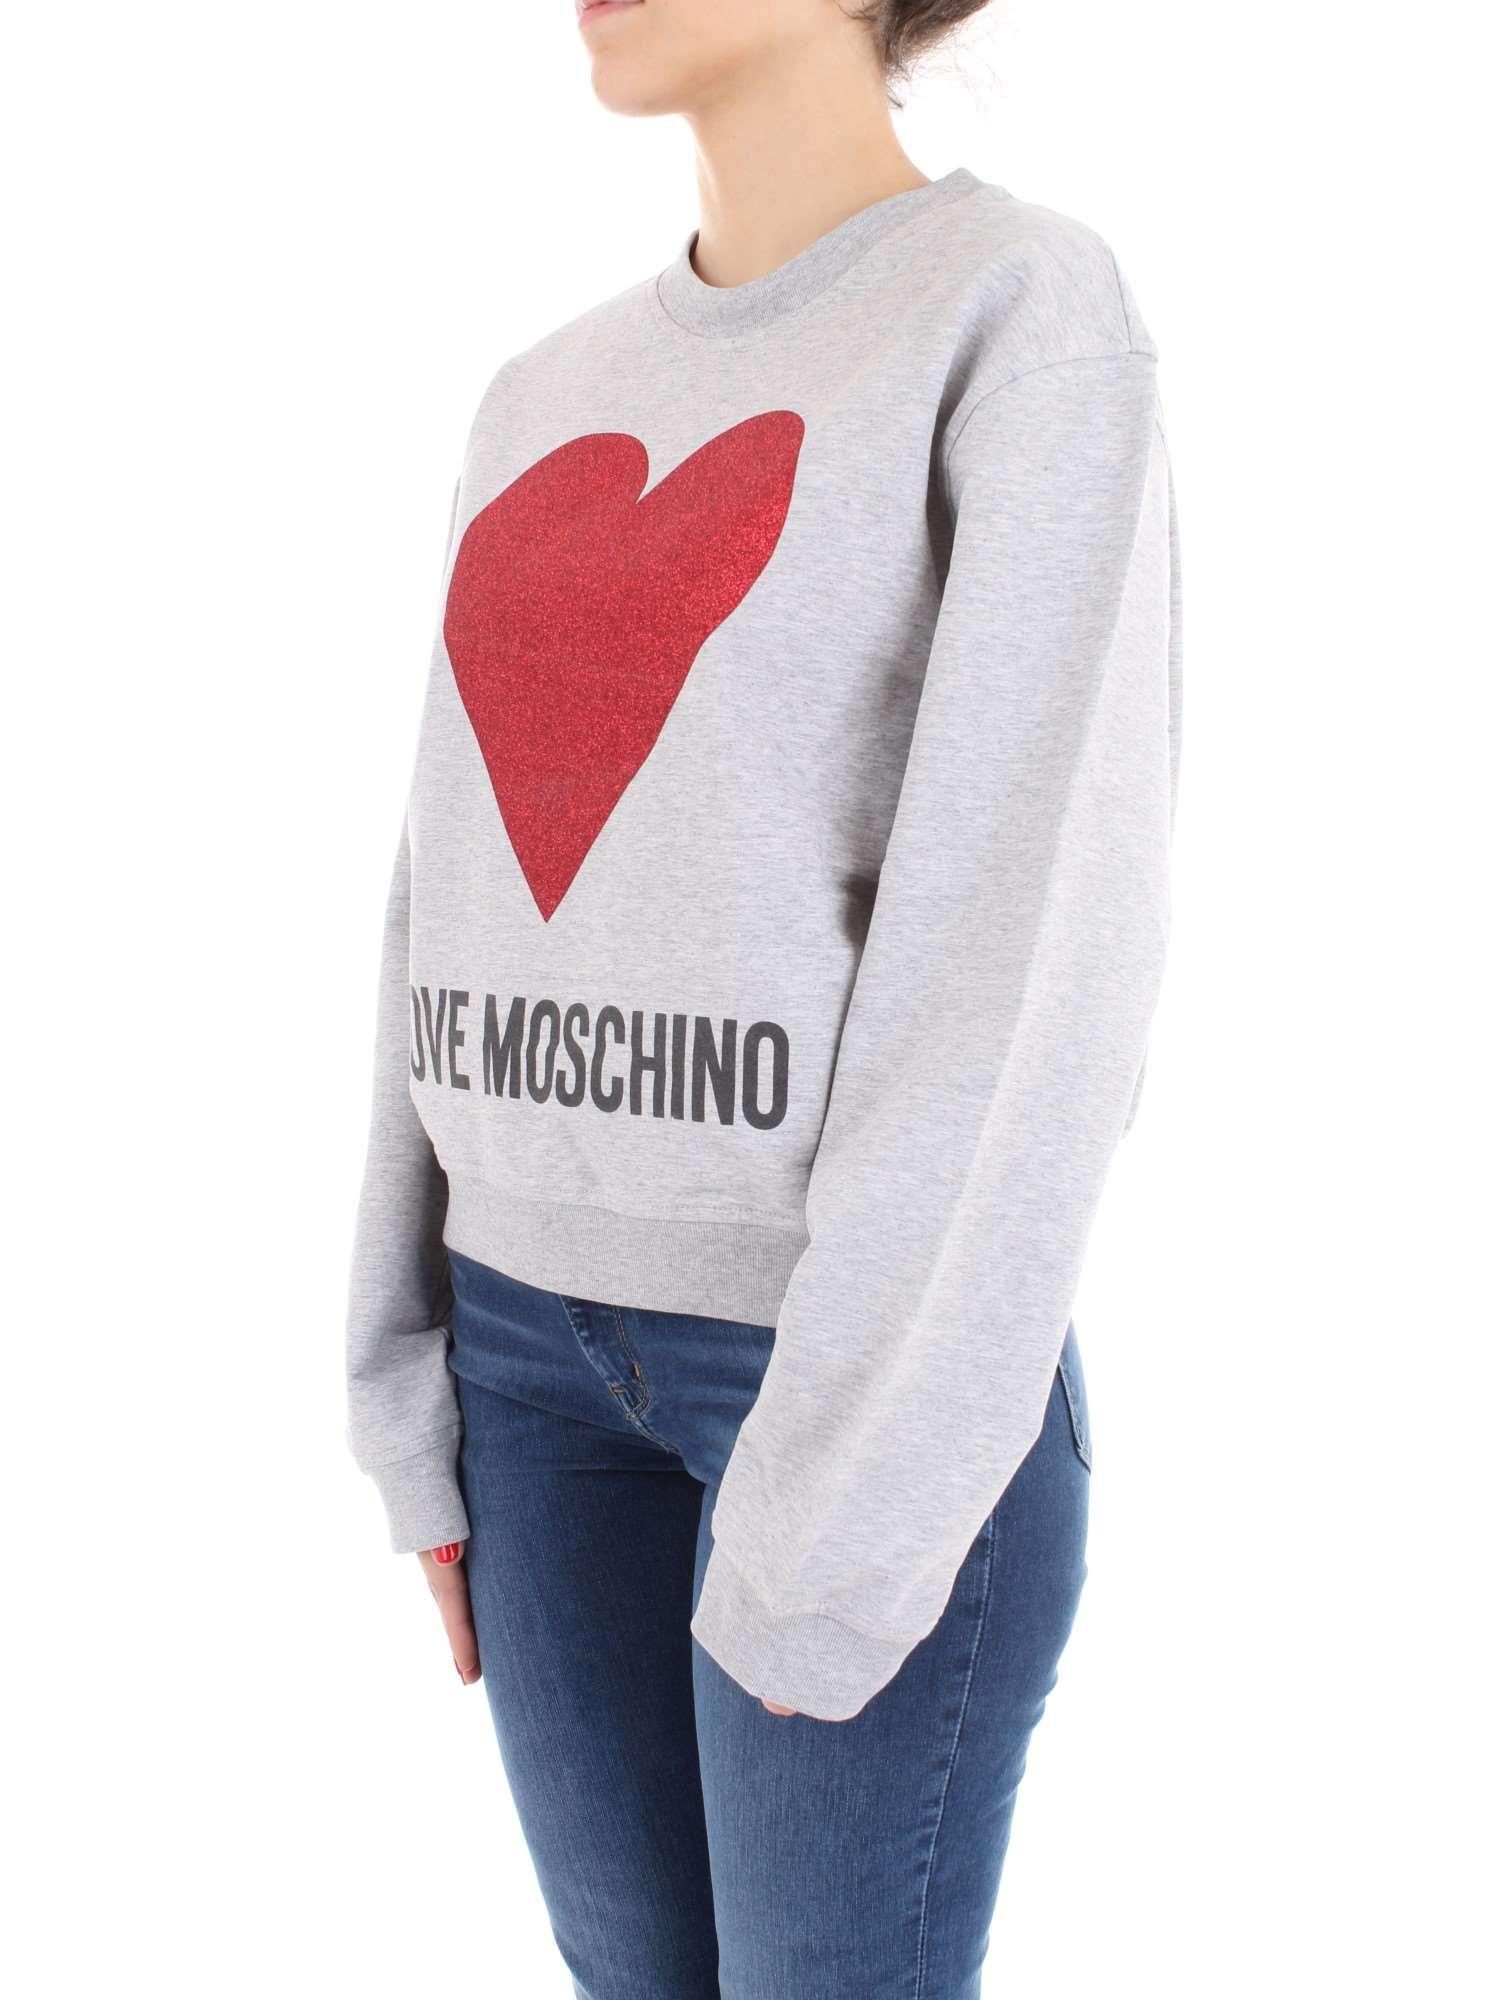 Moschino shirt W 306 a688 été E Gris 24 6 Sweat Printemps 2004 Love Femme TqdwHvtT